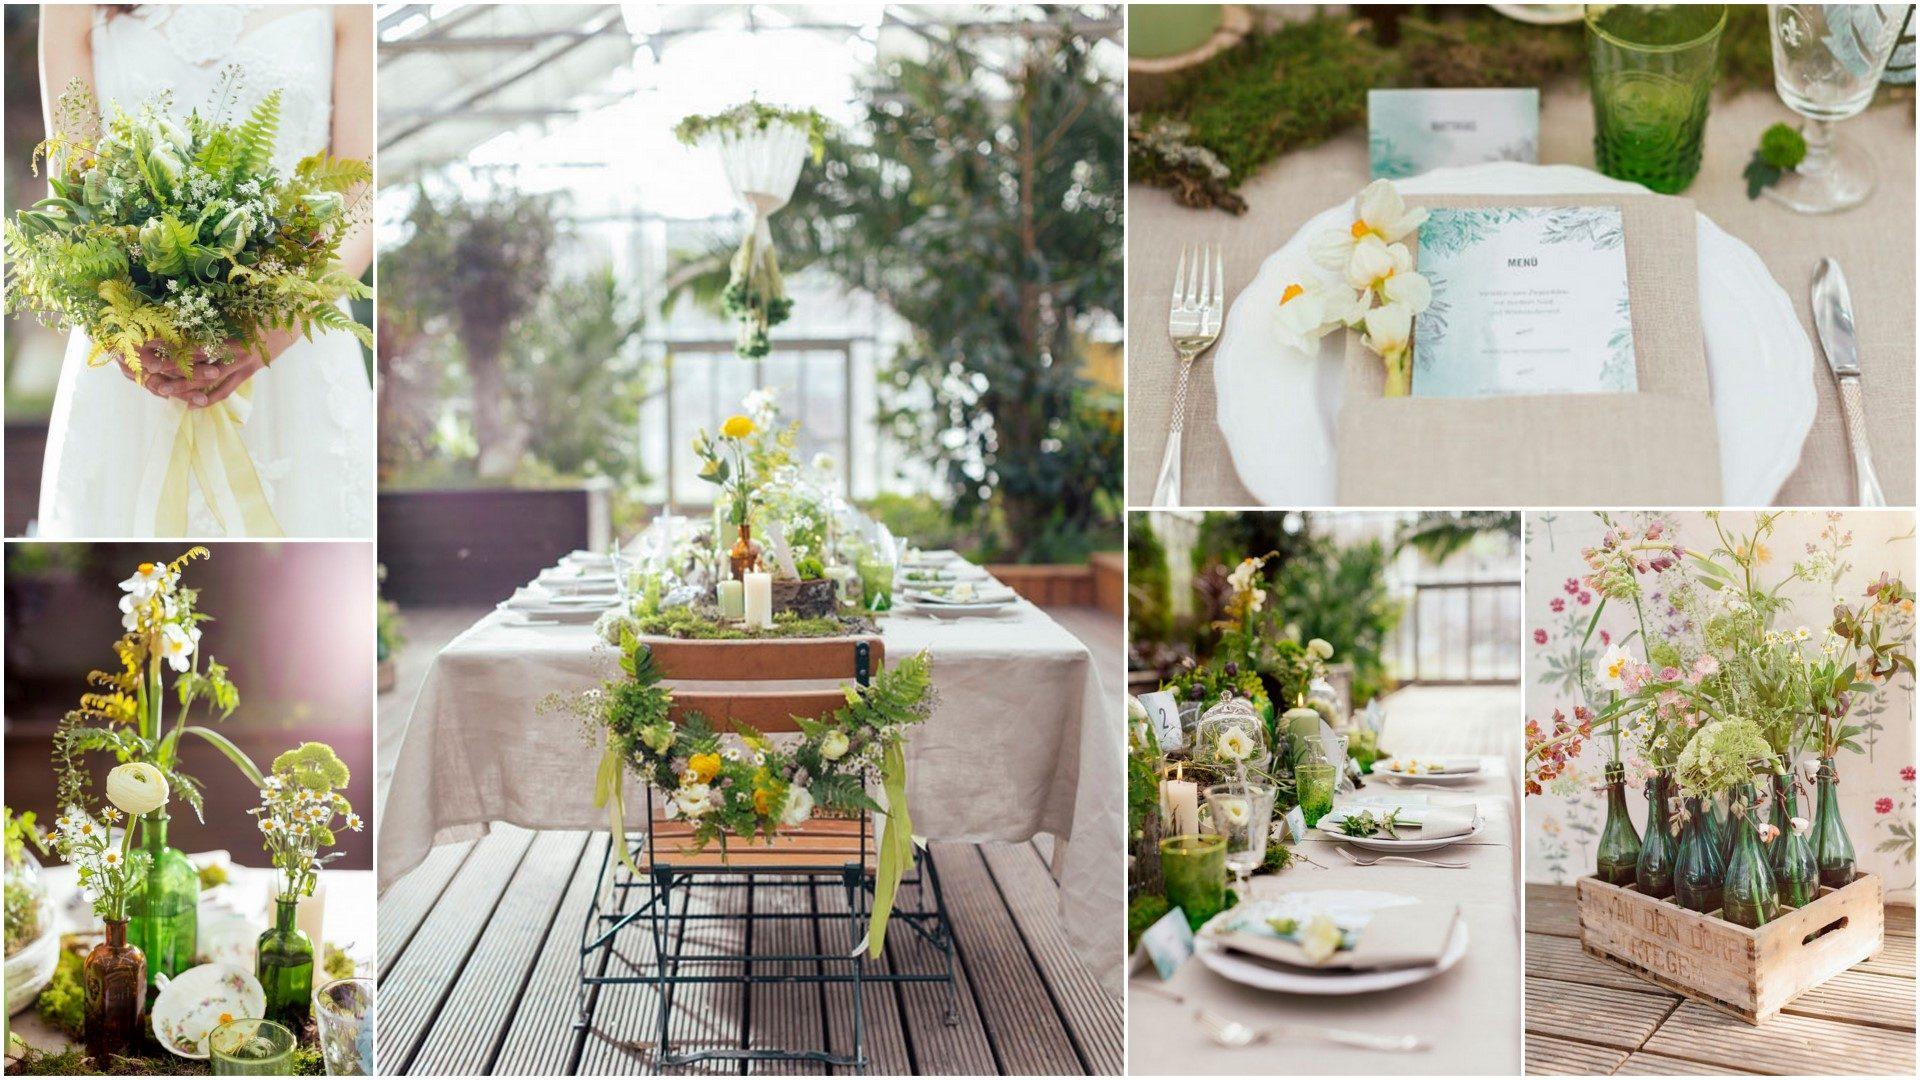 2220965fb8 inspiráció esküvőre,esküvői inspiráció,dekoráció,esküvői dekoráció,esküvői  dekorációk,esküvői